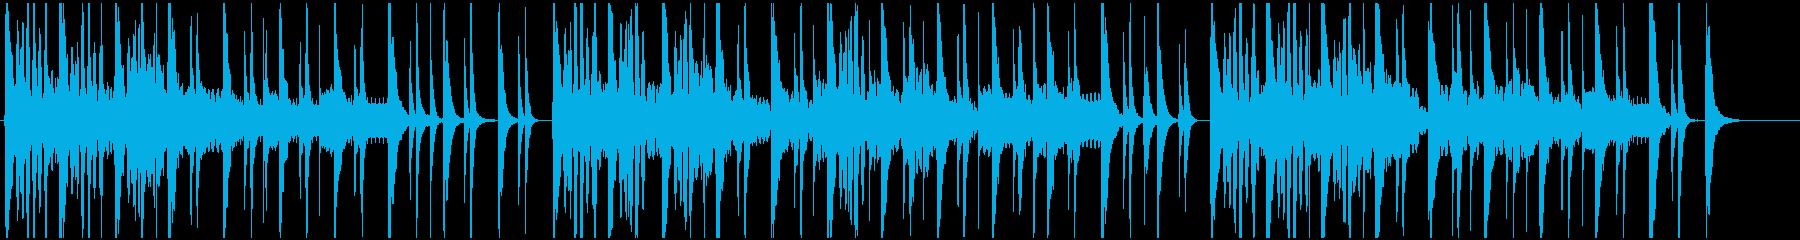 厳かな日本伝統を連想させるBGMの再生済みの波形